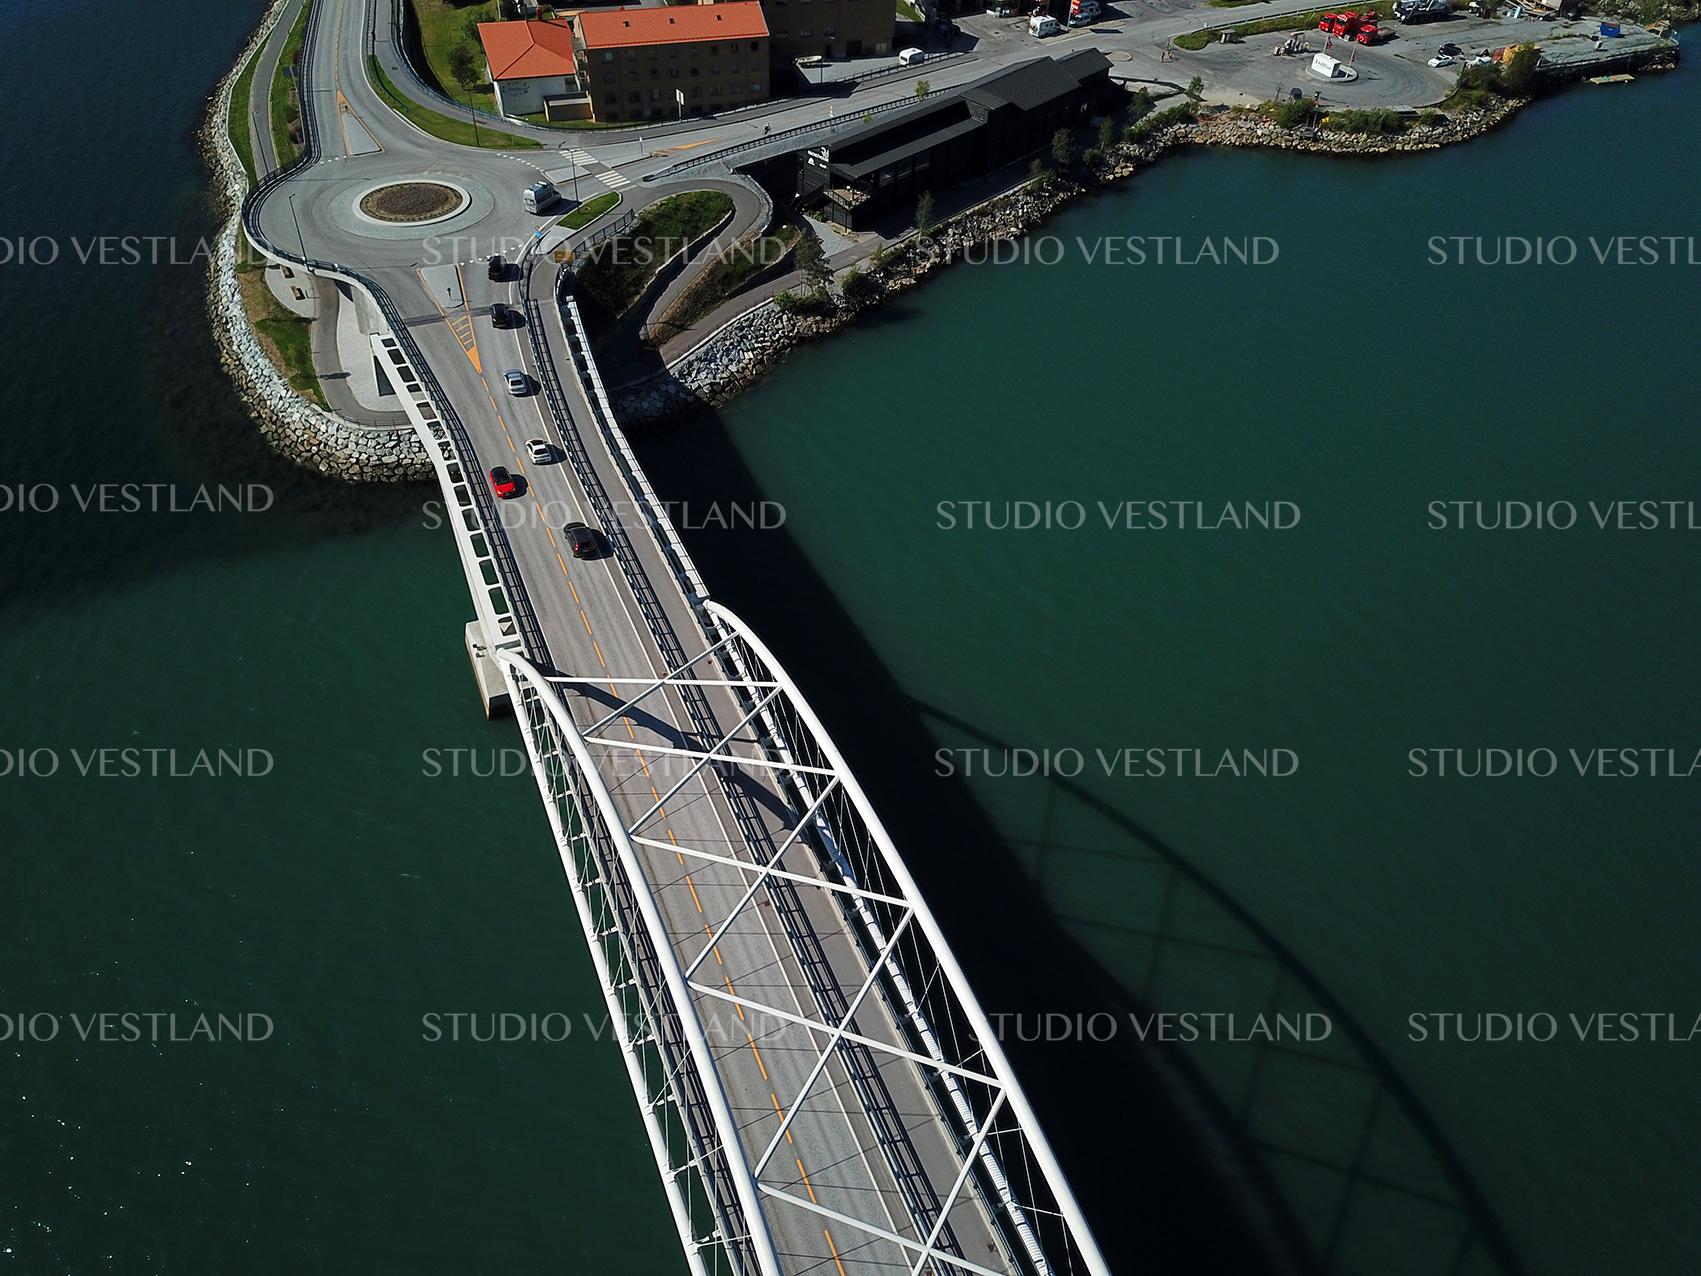 Studio Vestland - Sogndal 21